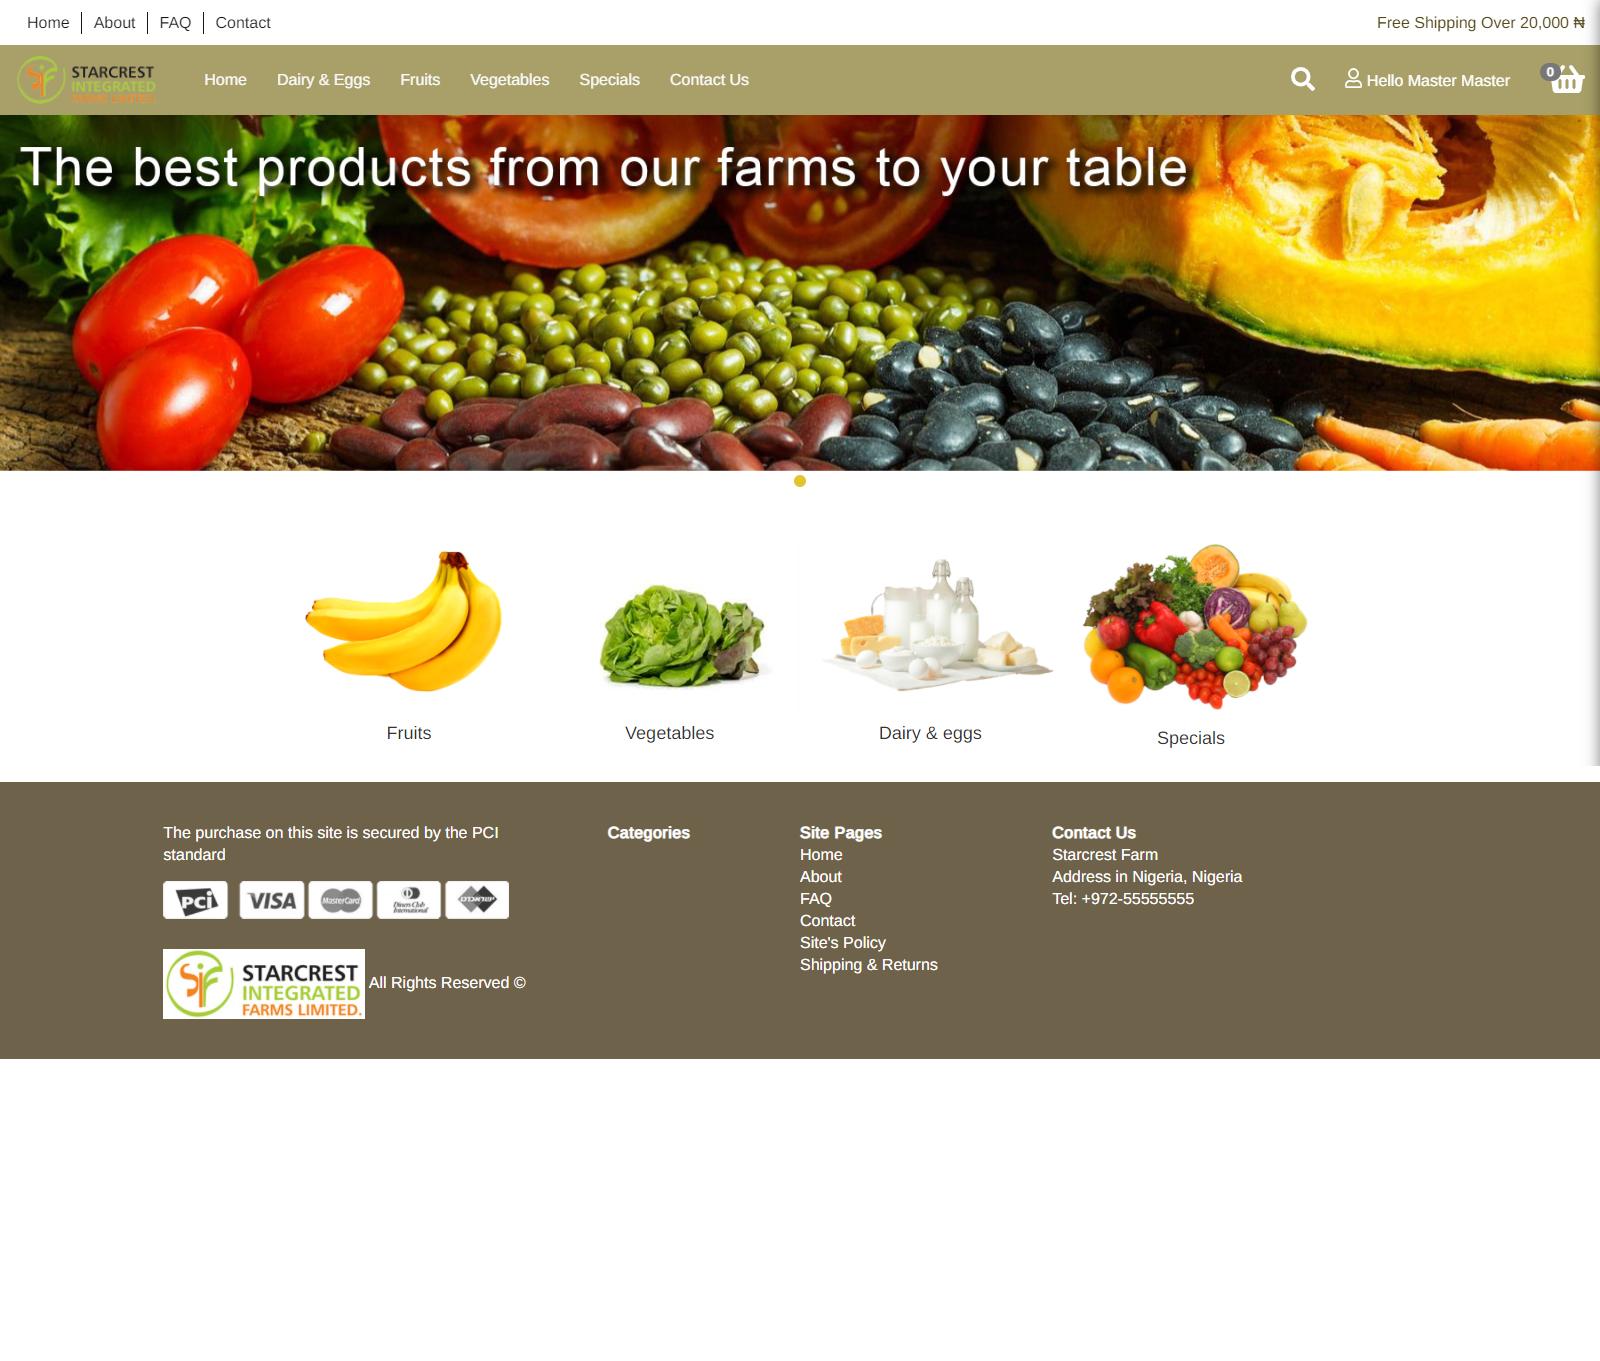 Star Crest Farm is an agricultural farm